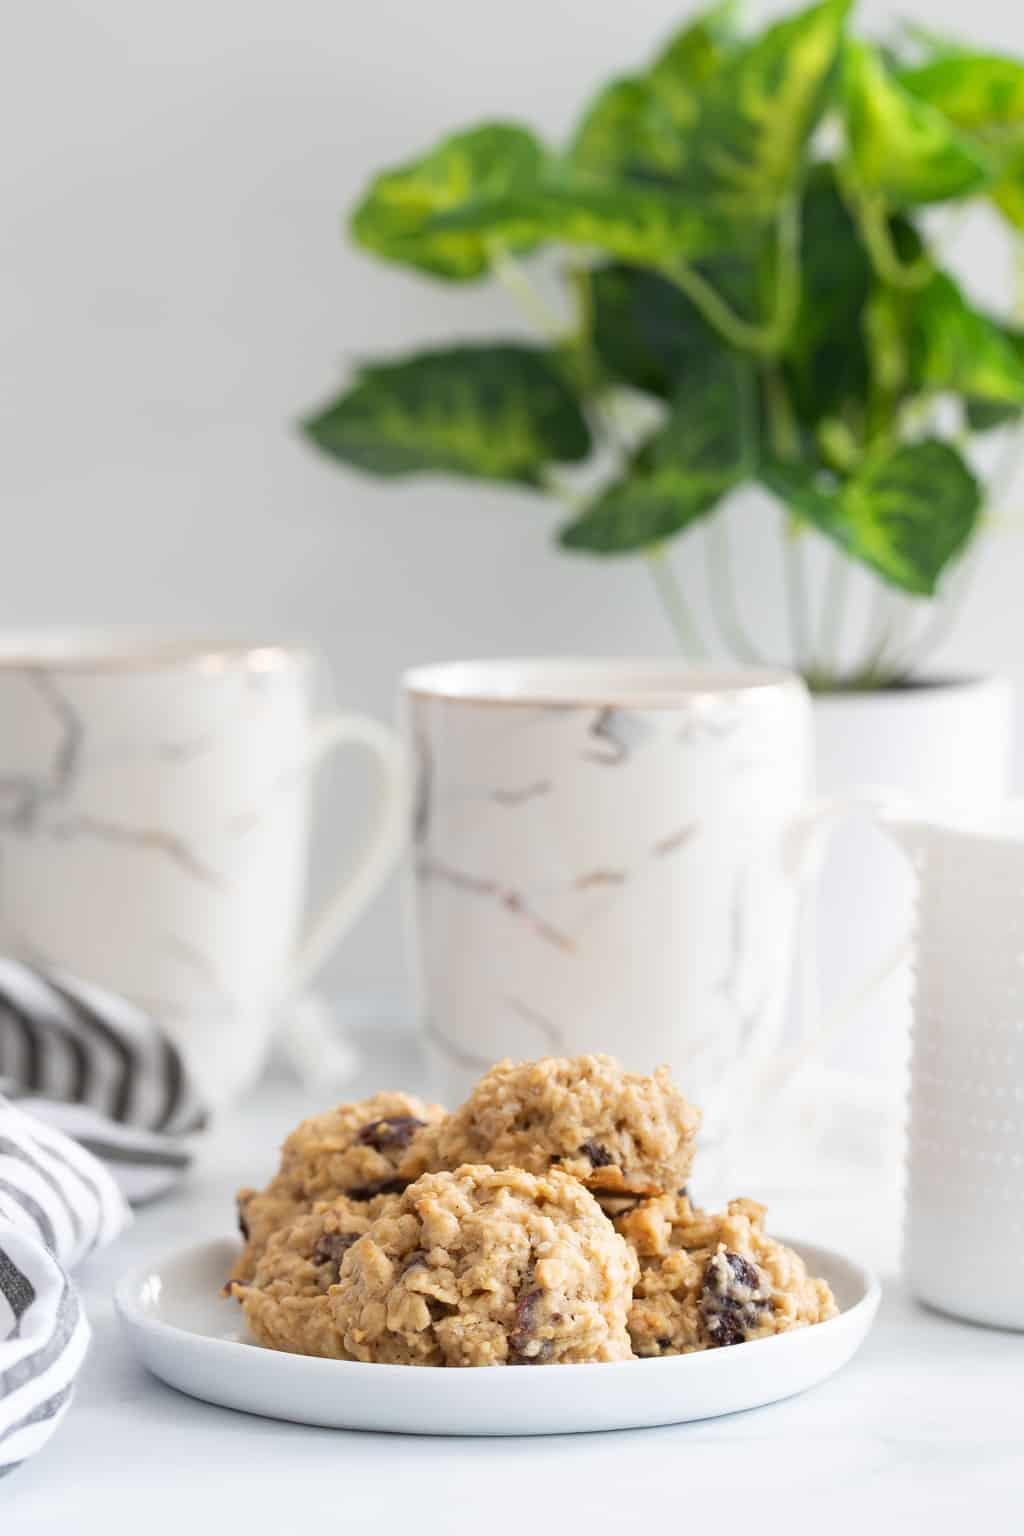 Chewy Apple Oatmeal Raisin Breakfast Cookies